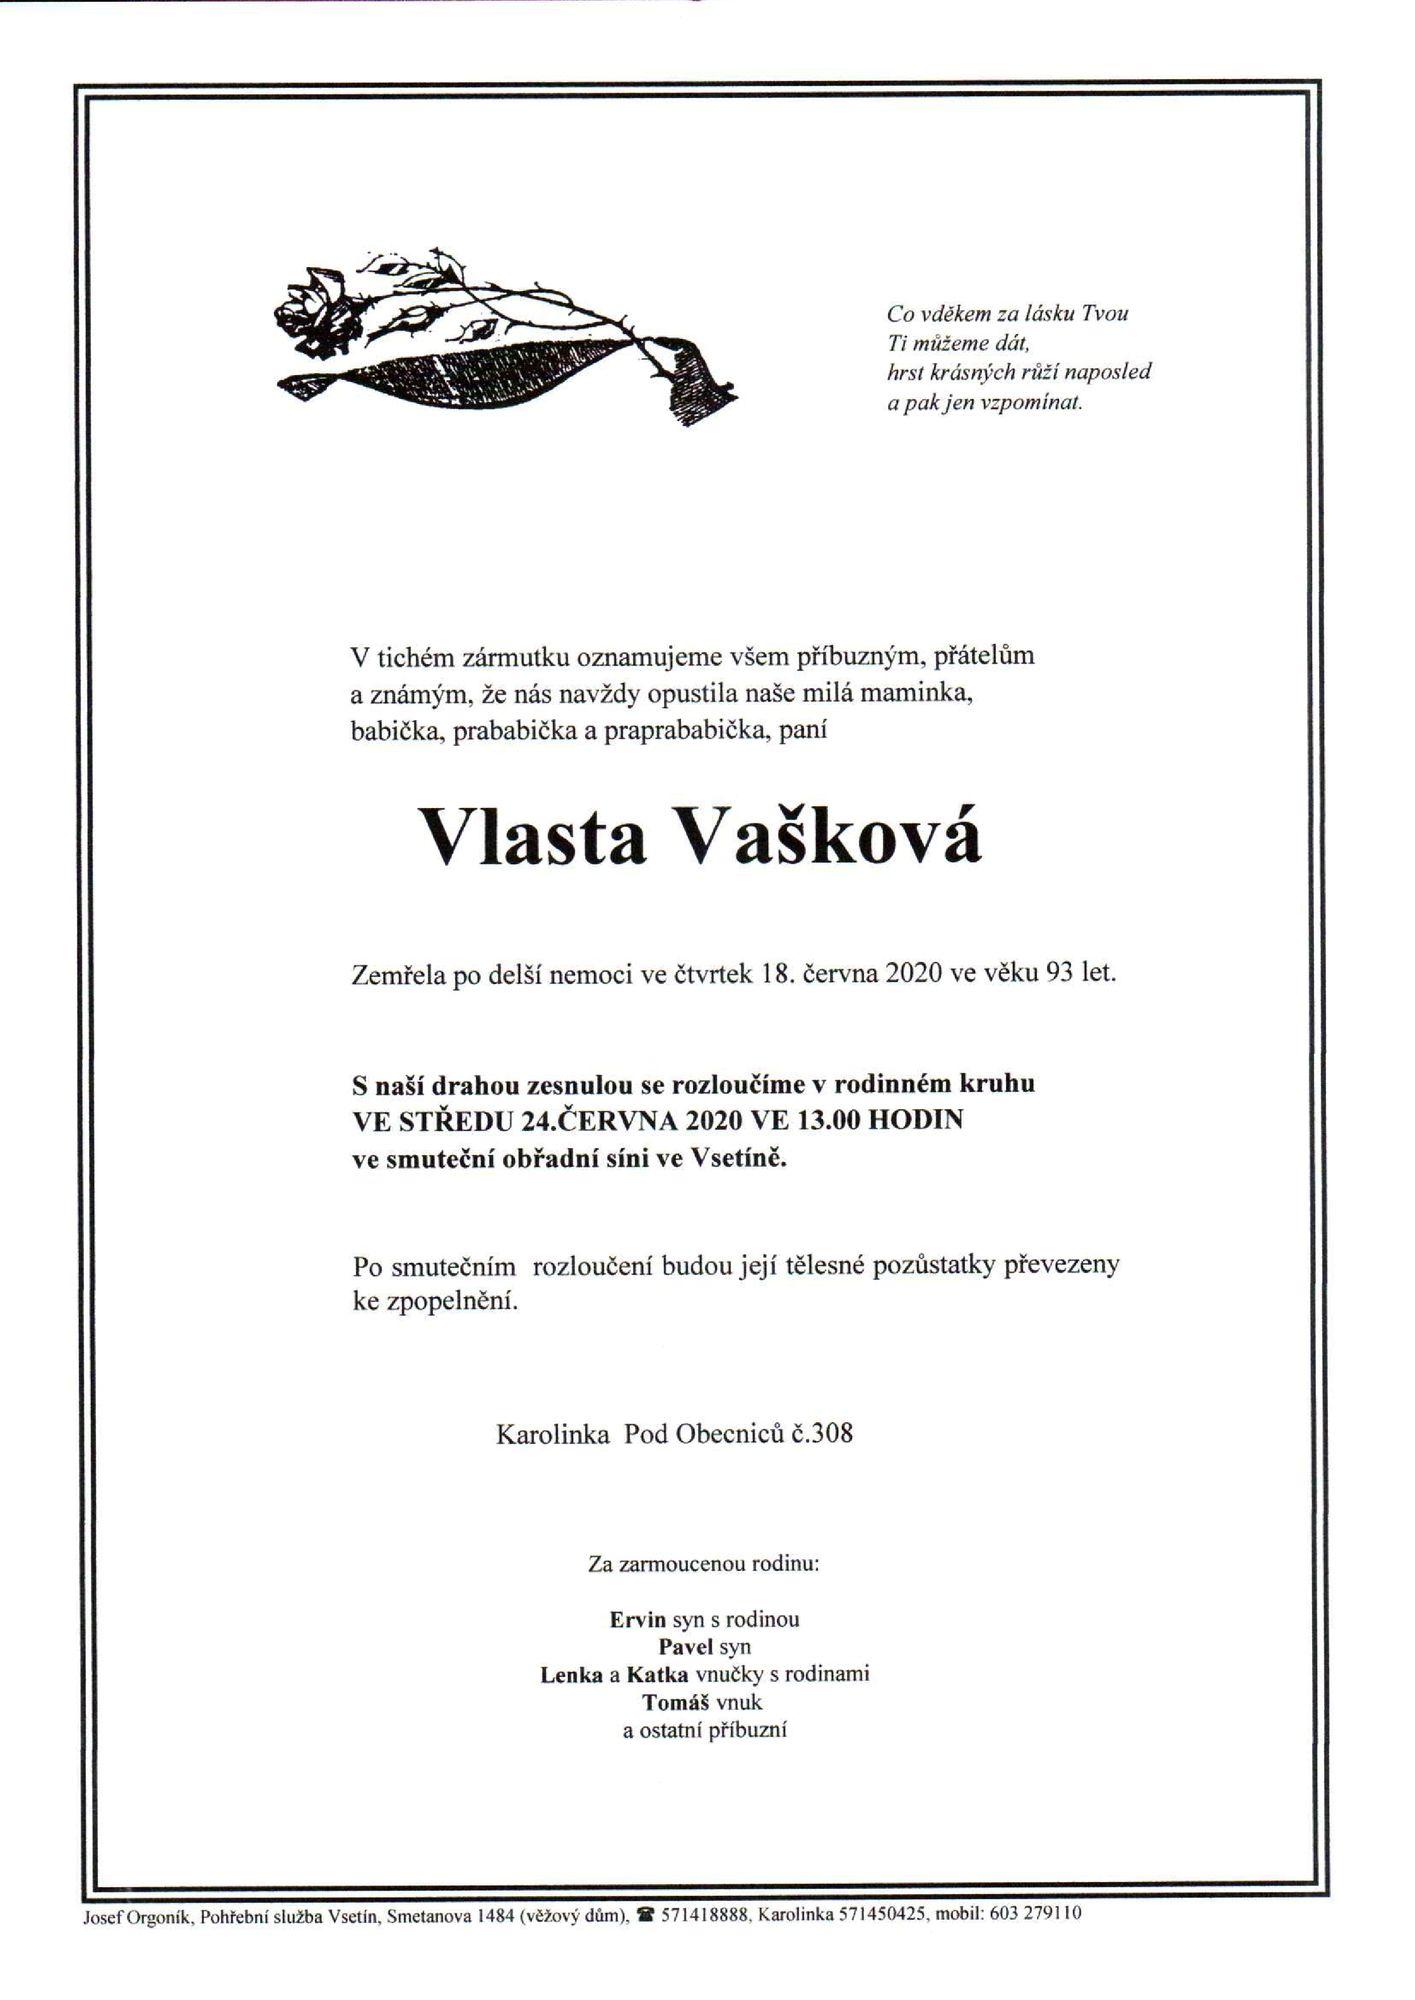 Vlasta Vašková